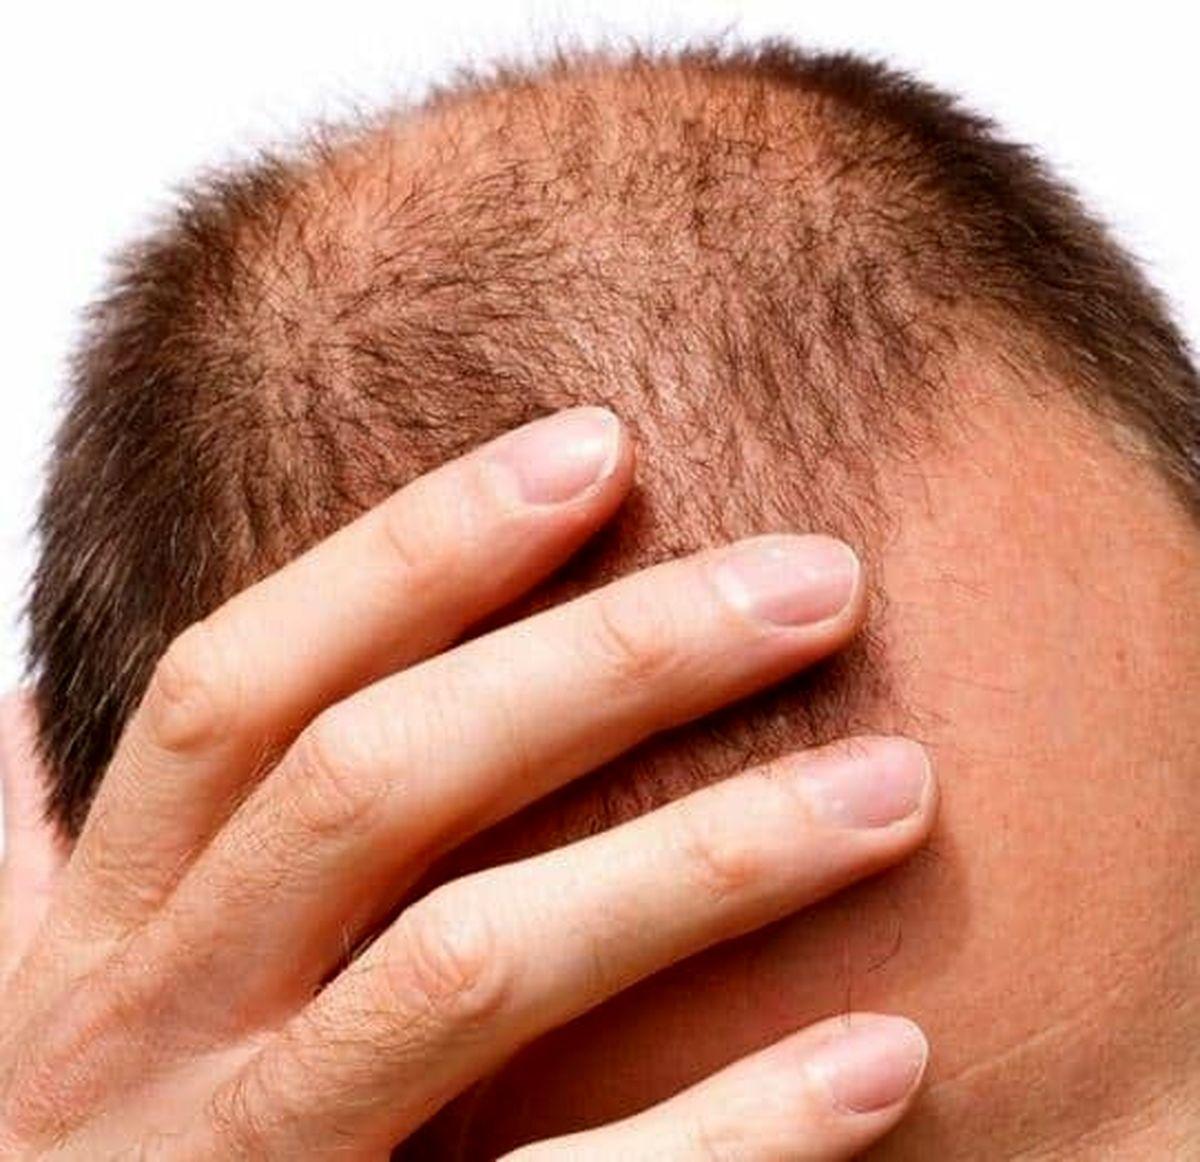 آیا کمبود مو را می توان نقص عضو دانست؟